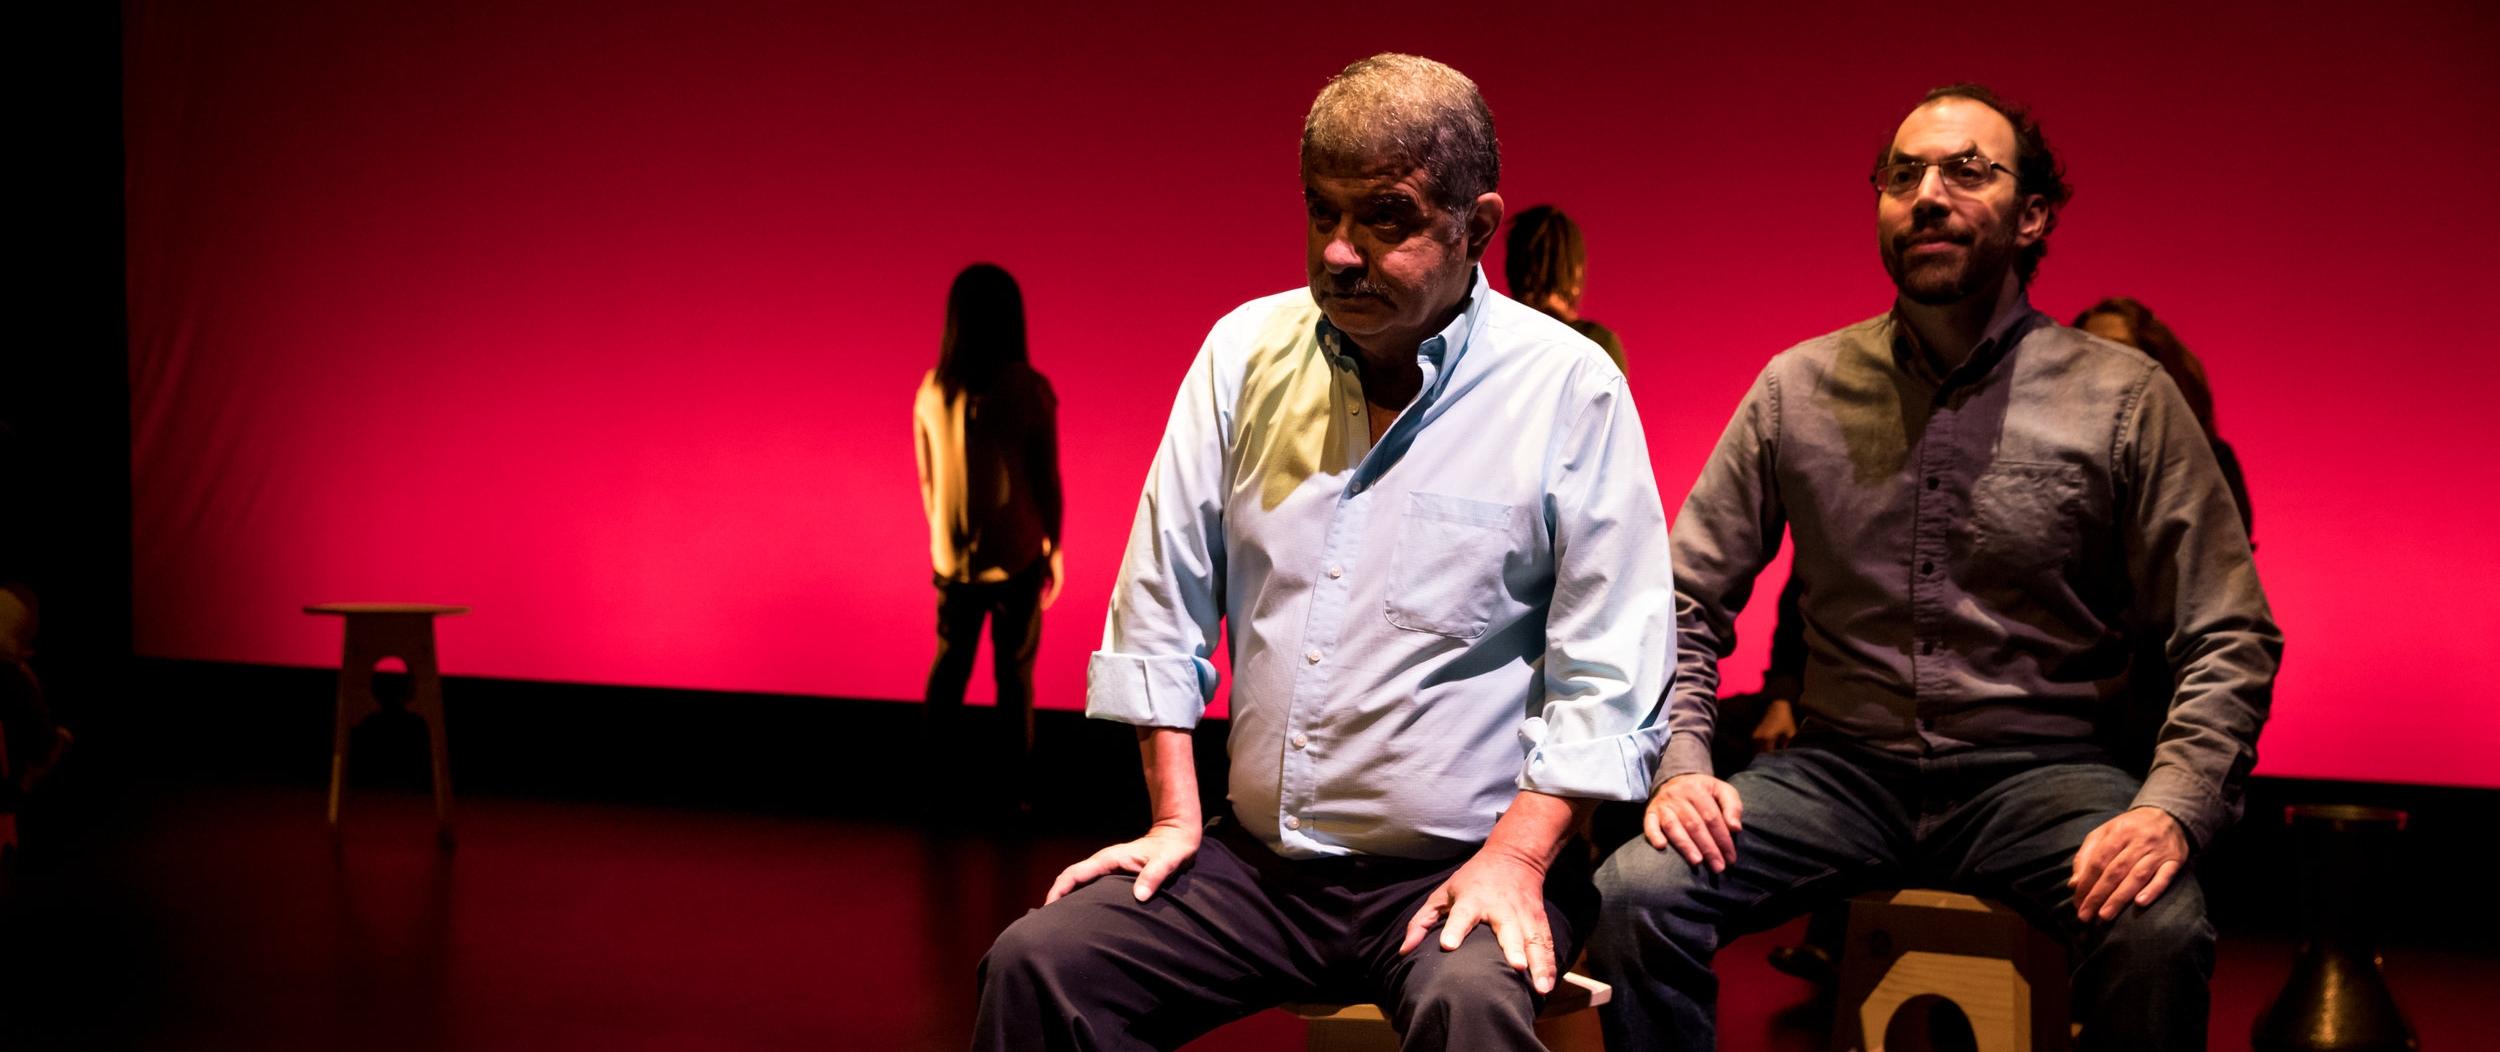 ممثلين على خشبة المسرح